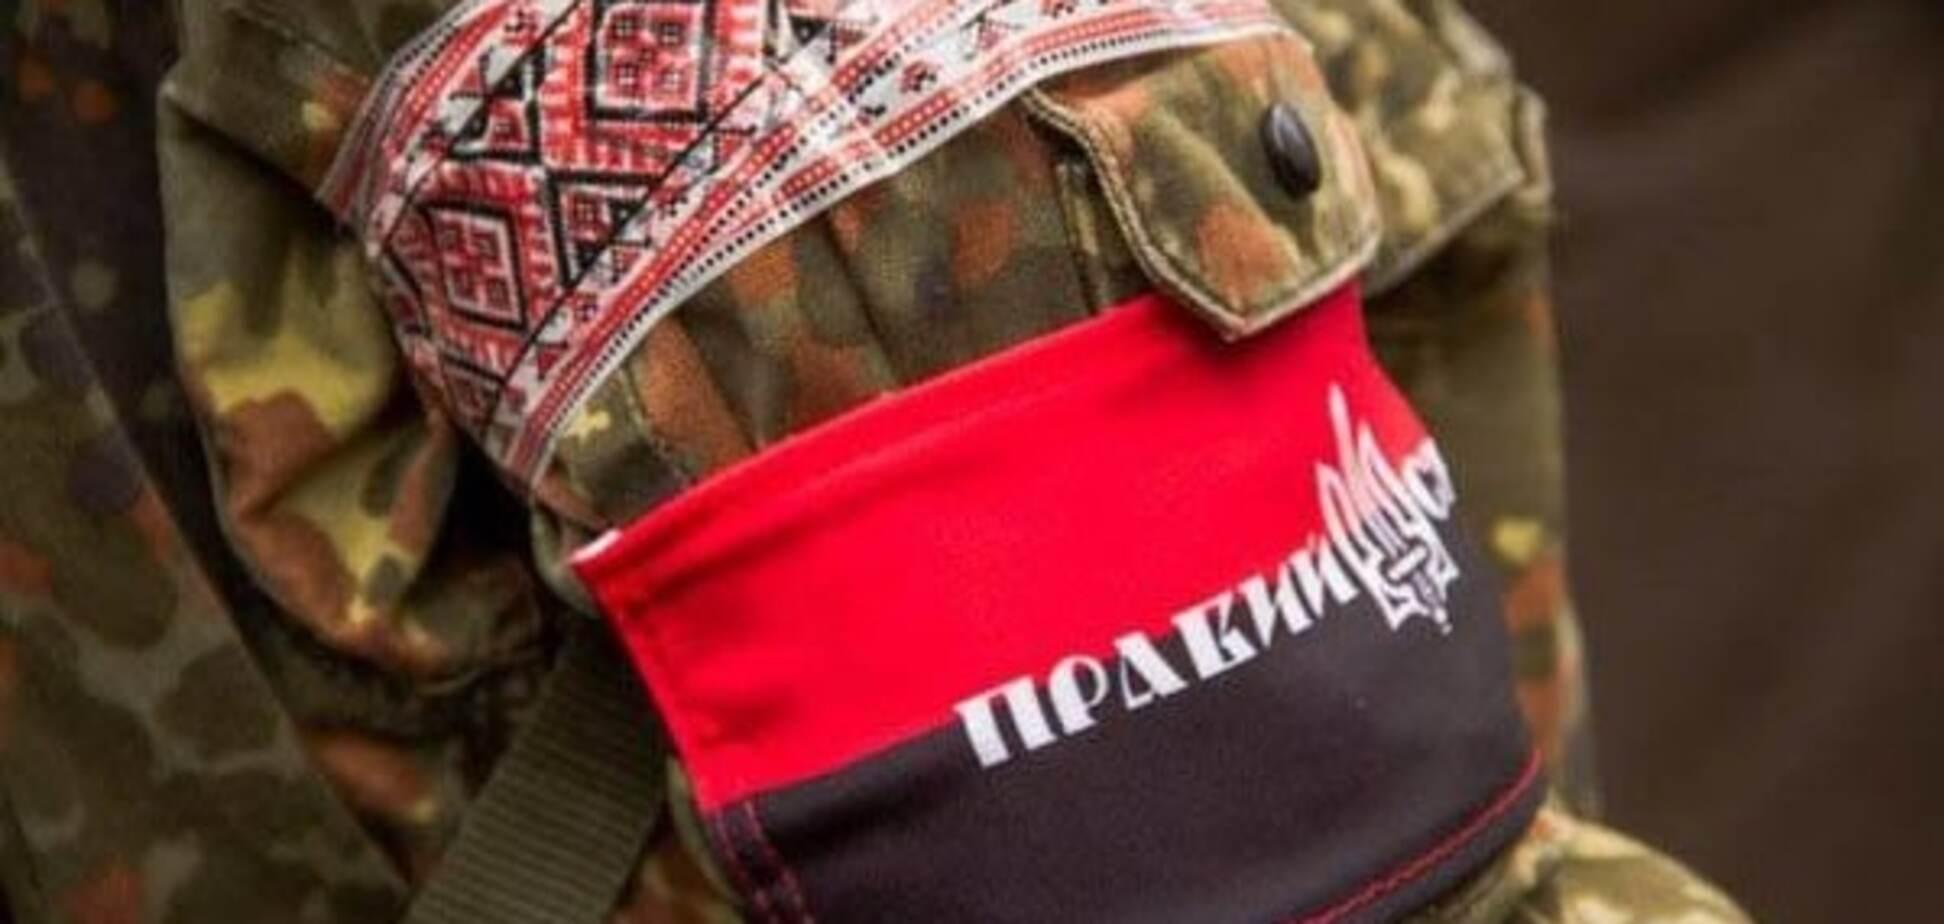 В России 18-летнему парню дали срок за симпатию к 'Правому сектору'